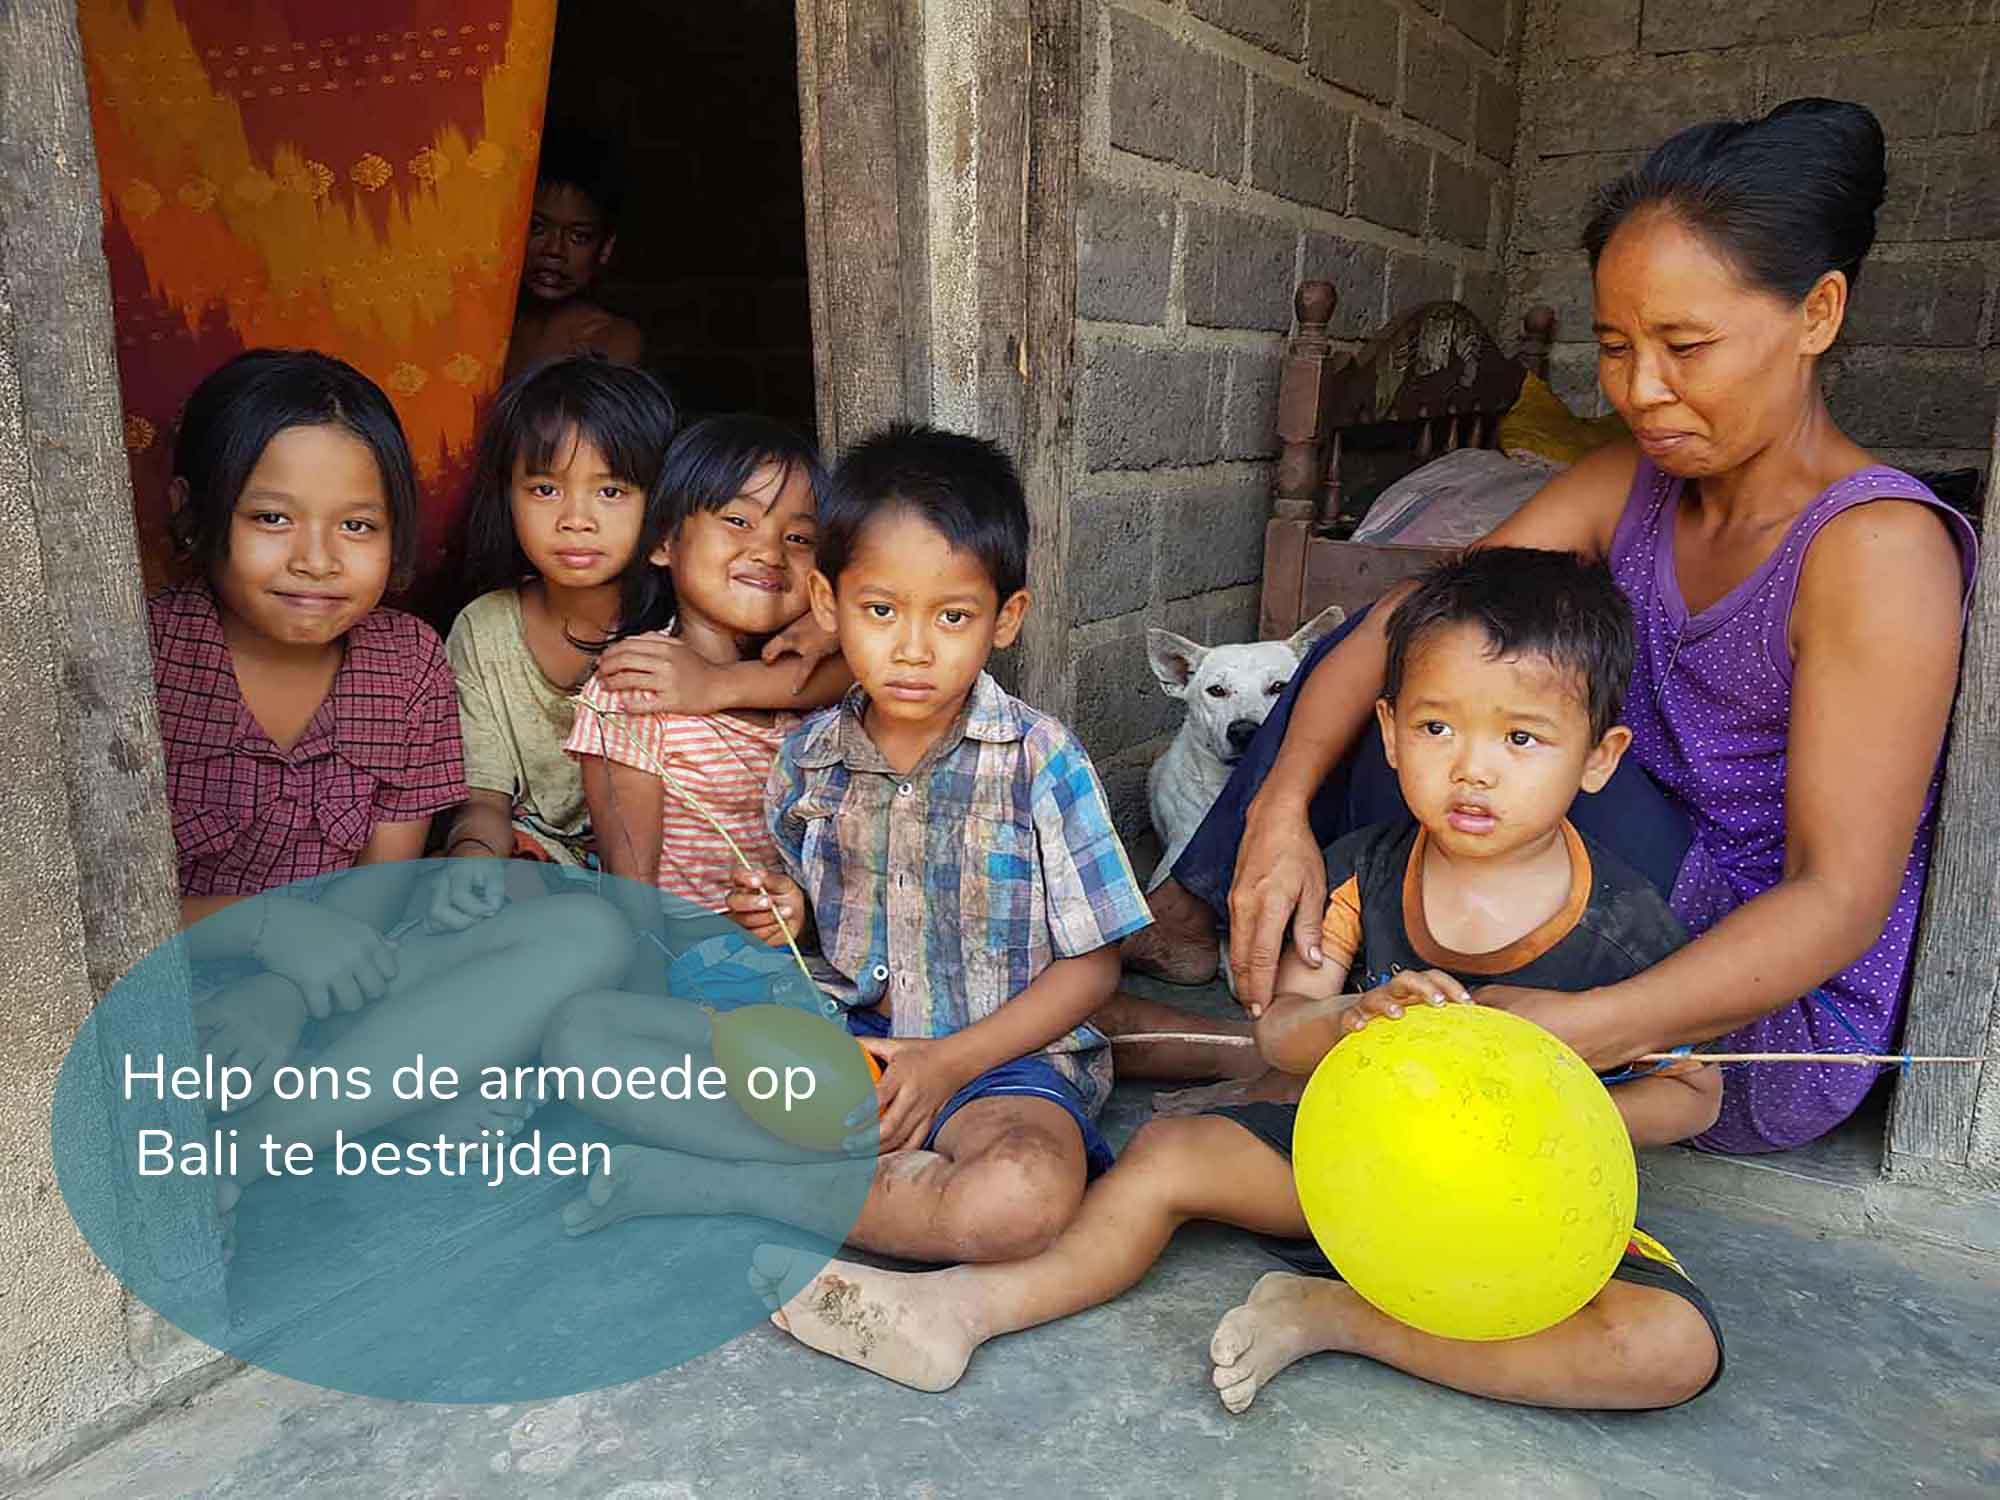 kinderen Bali armoede